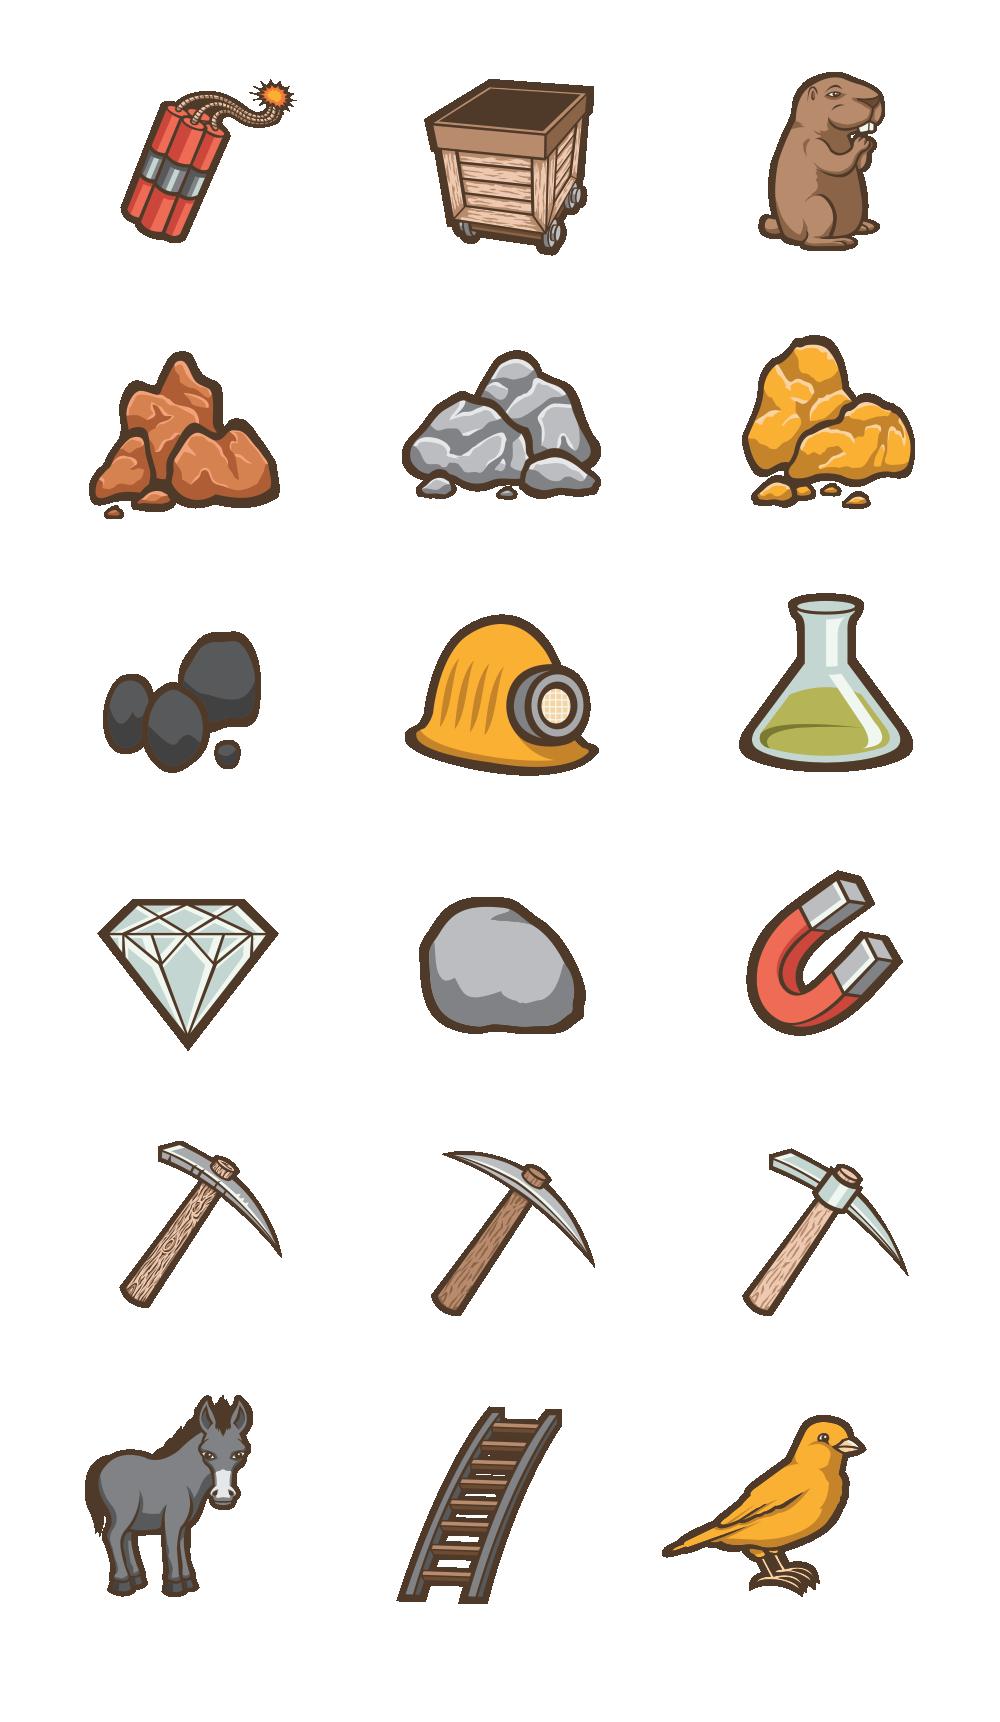 MG_icons2